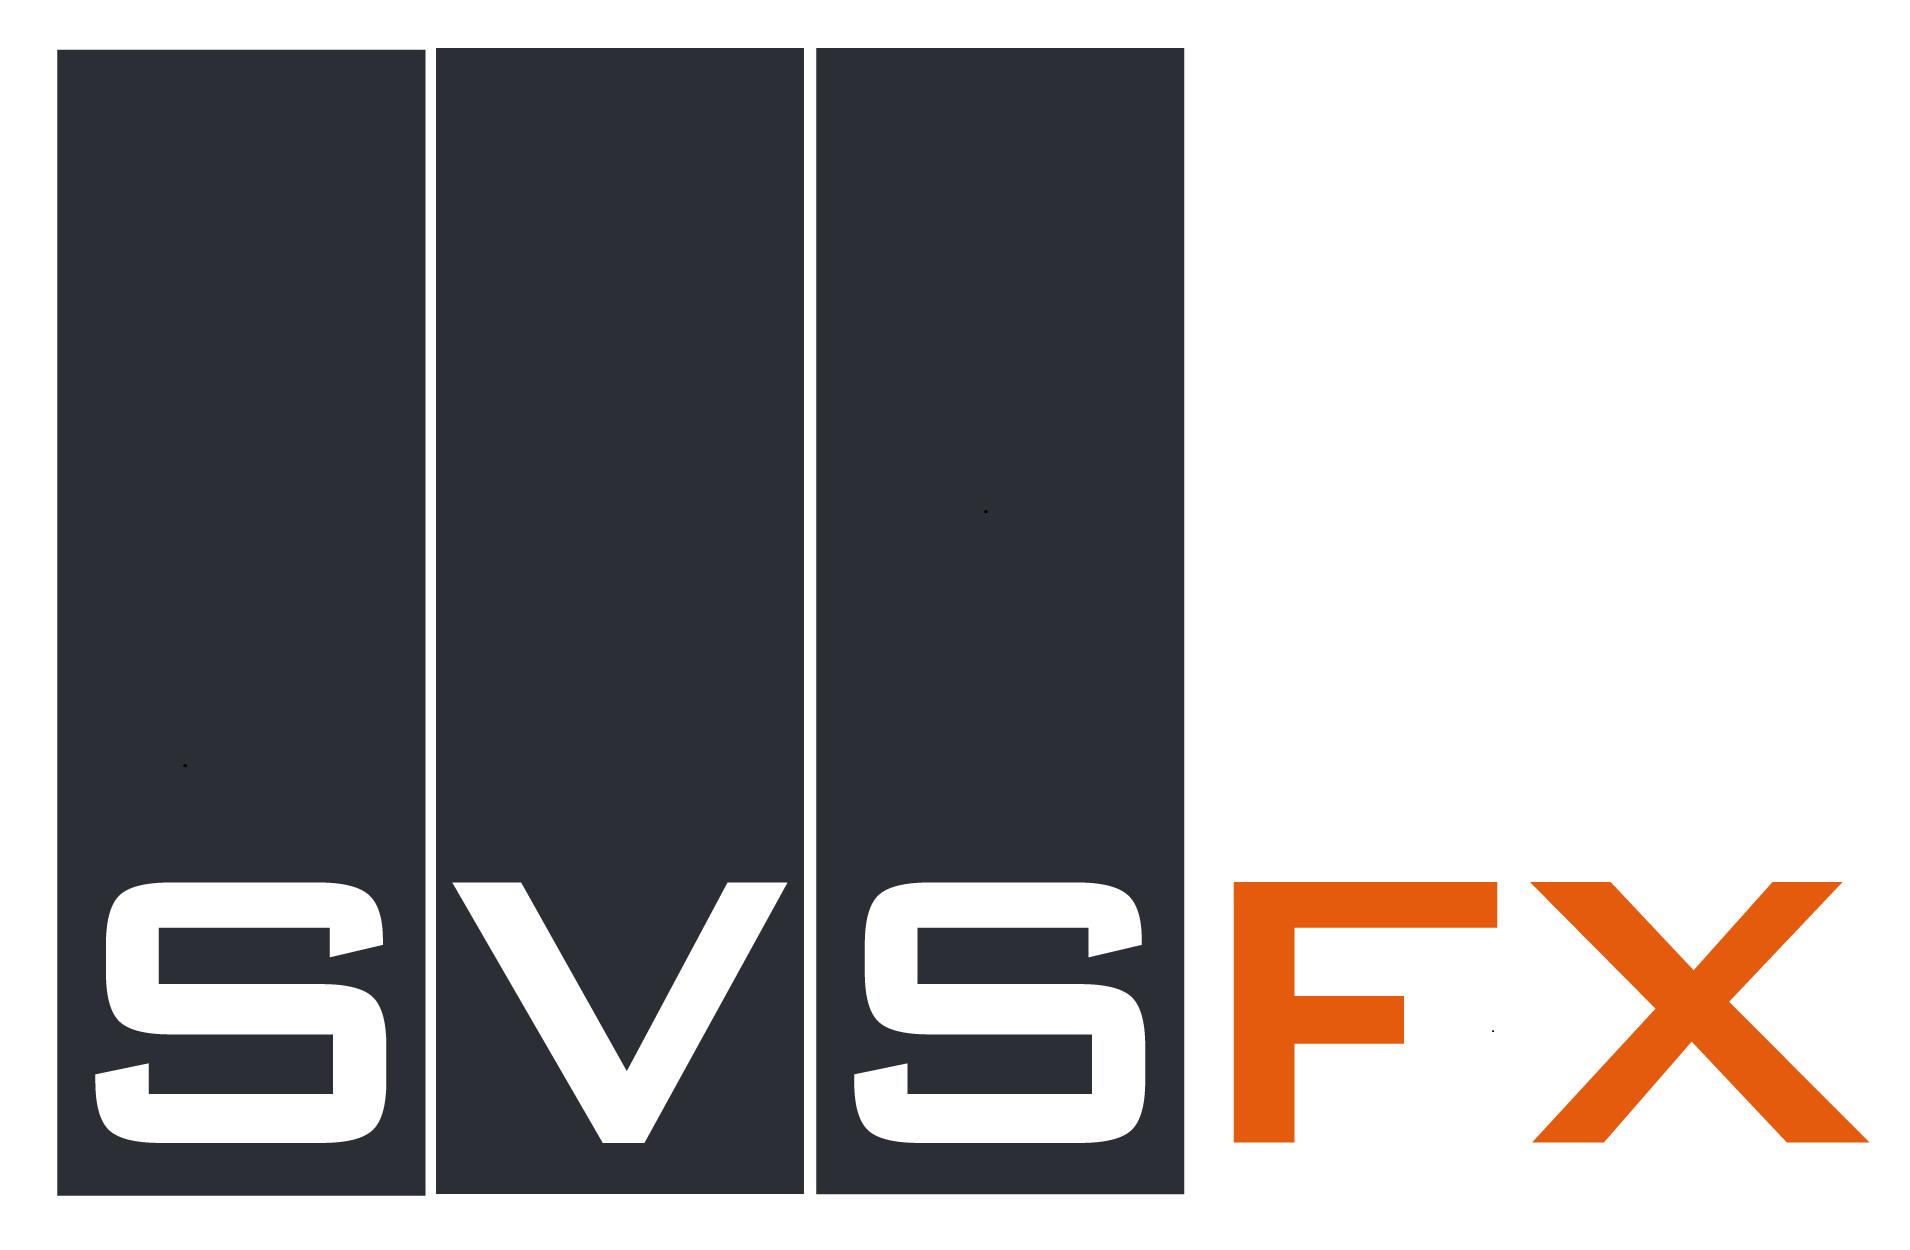 Svsfx Logo 1